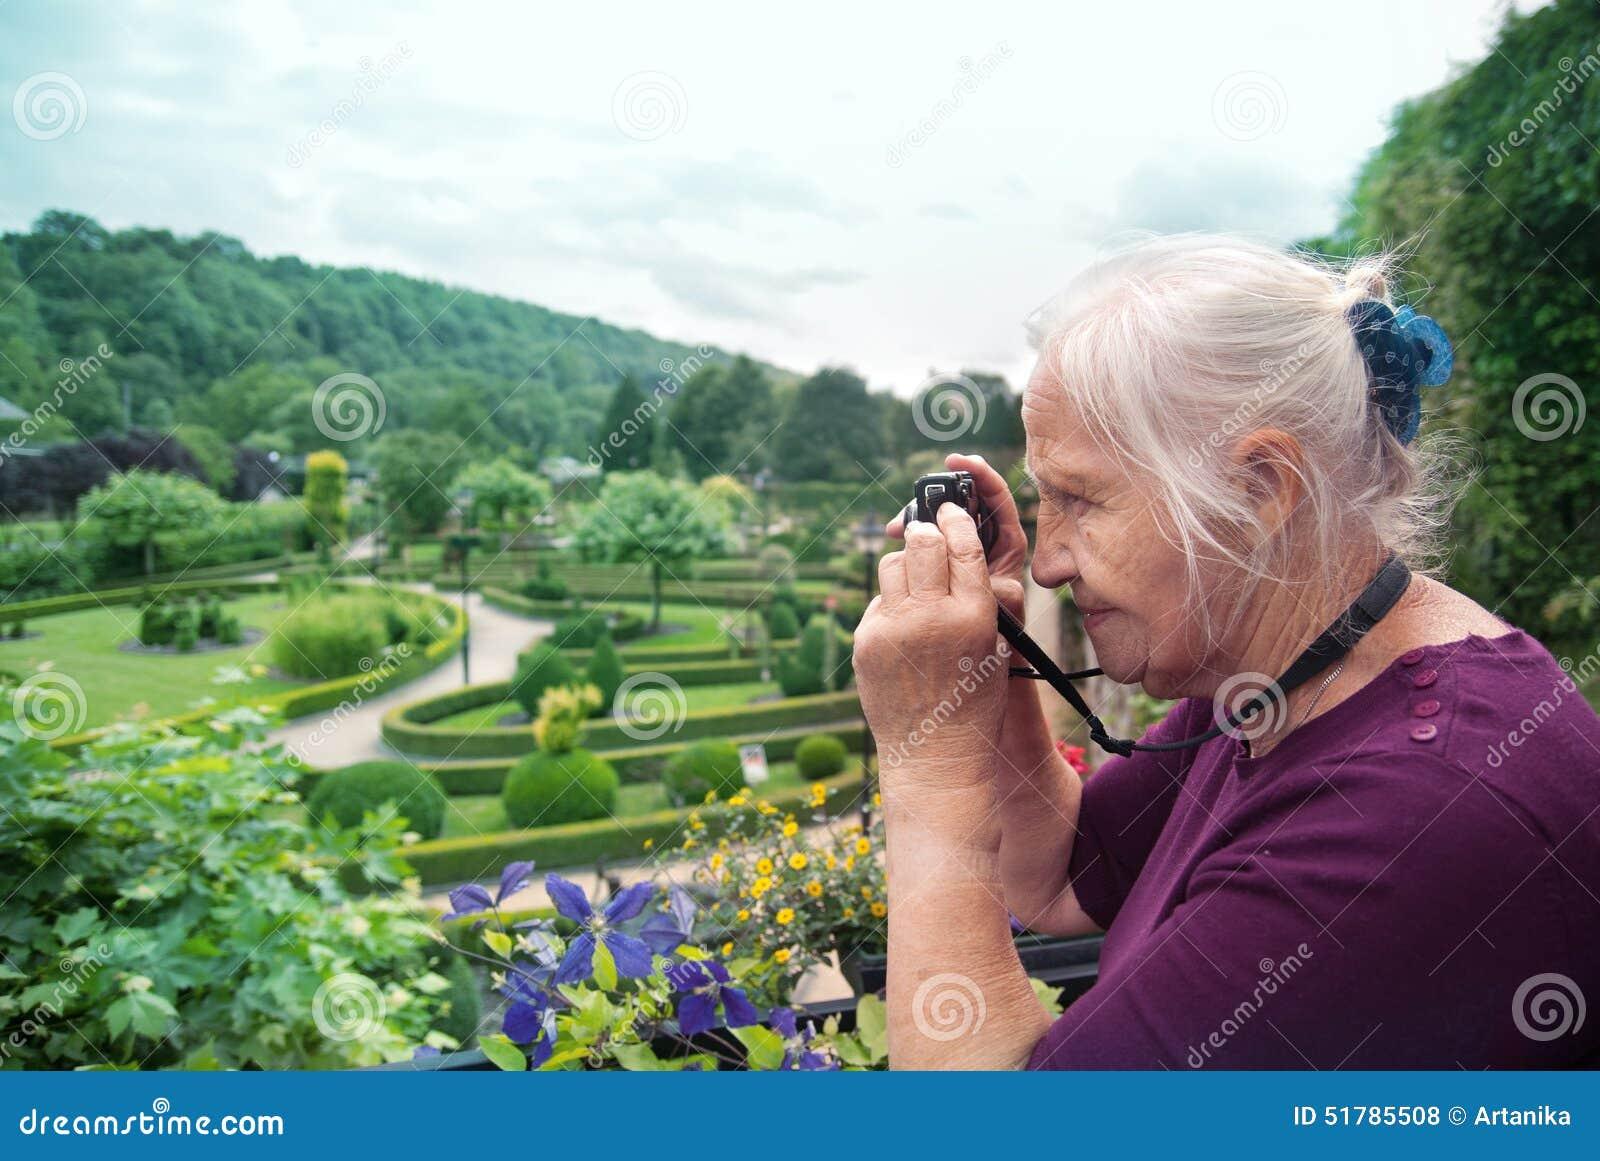 Fotógrafo superior ativo